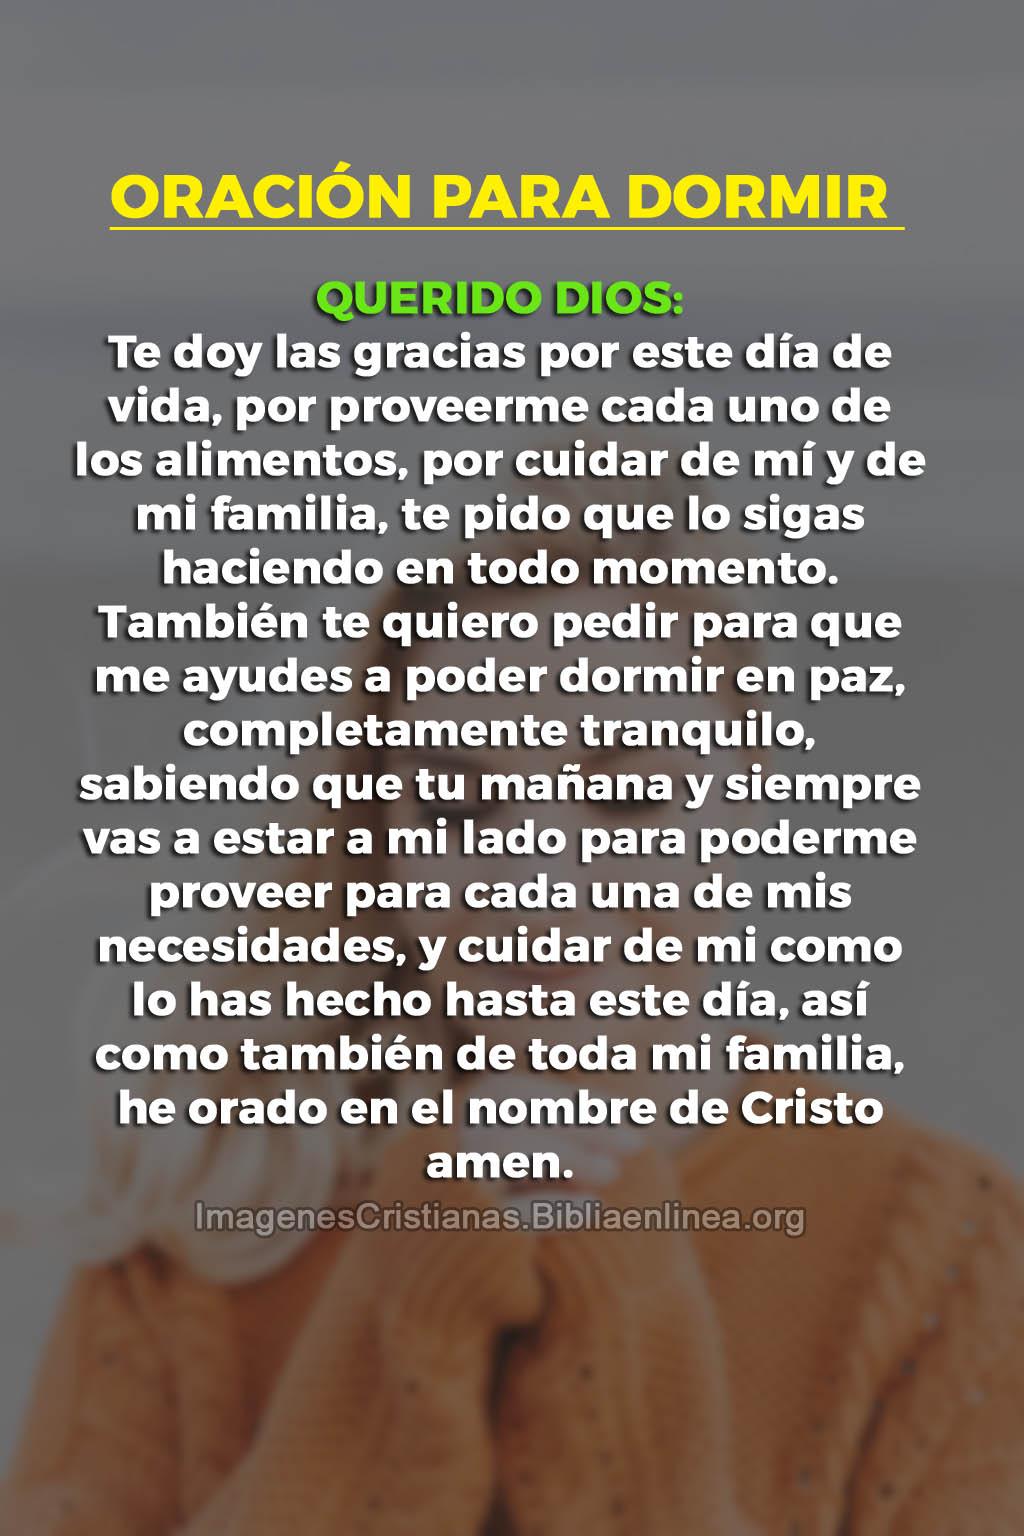 Oracion para dormir imagen